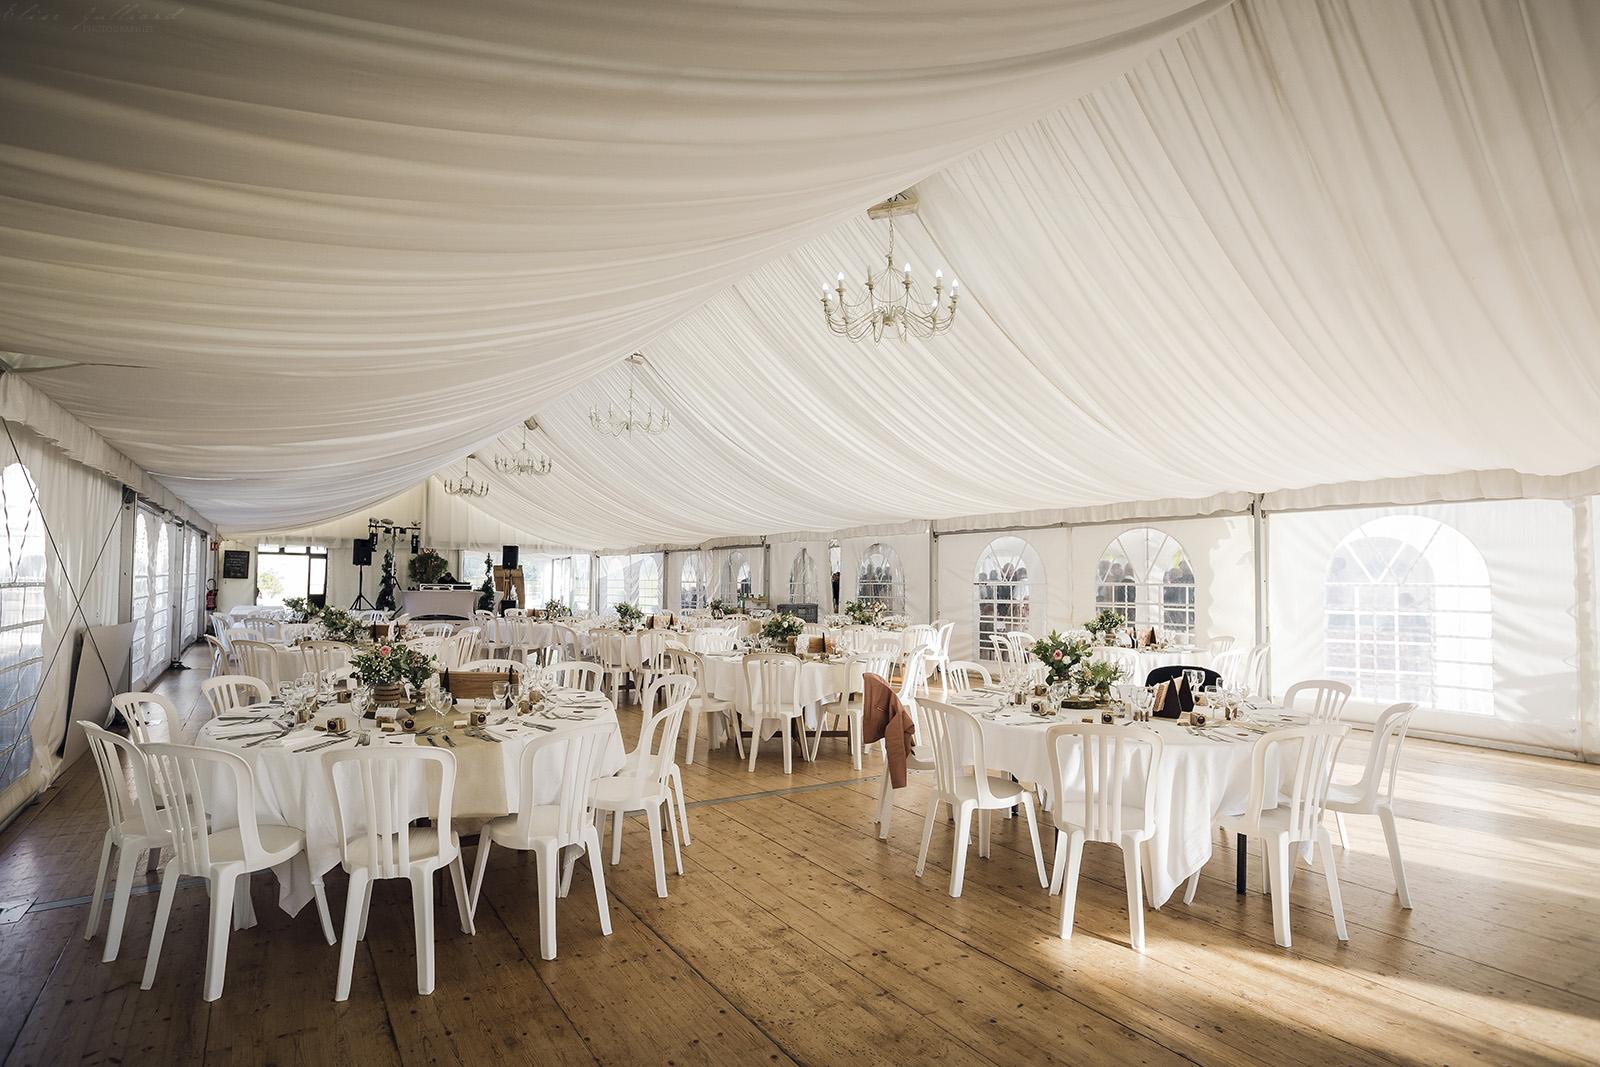 domaine-de-cuiset-mariage-bourg-en-bresse-lyon-ain-auvergne-rhone-alpes-reportage-wedding-elise-julliard-photographe-seance-photo-couple-decoration-ceremonie-laique